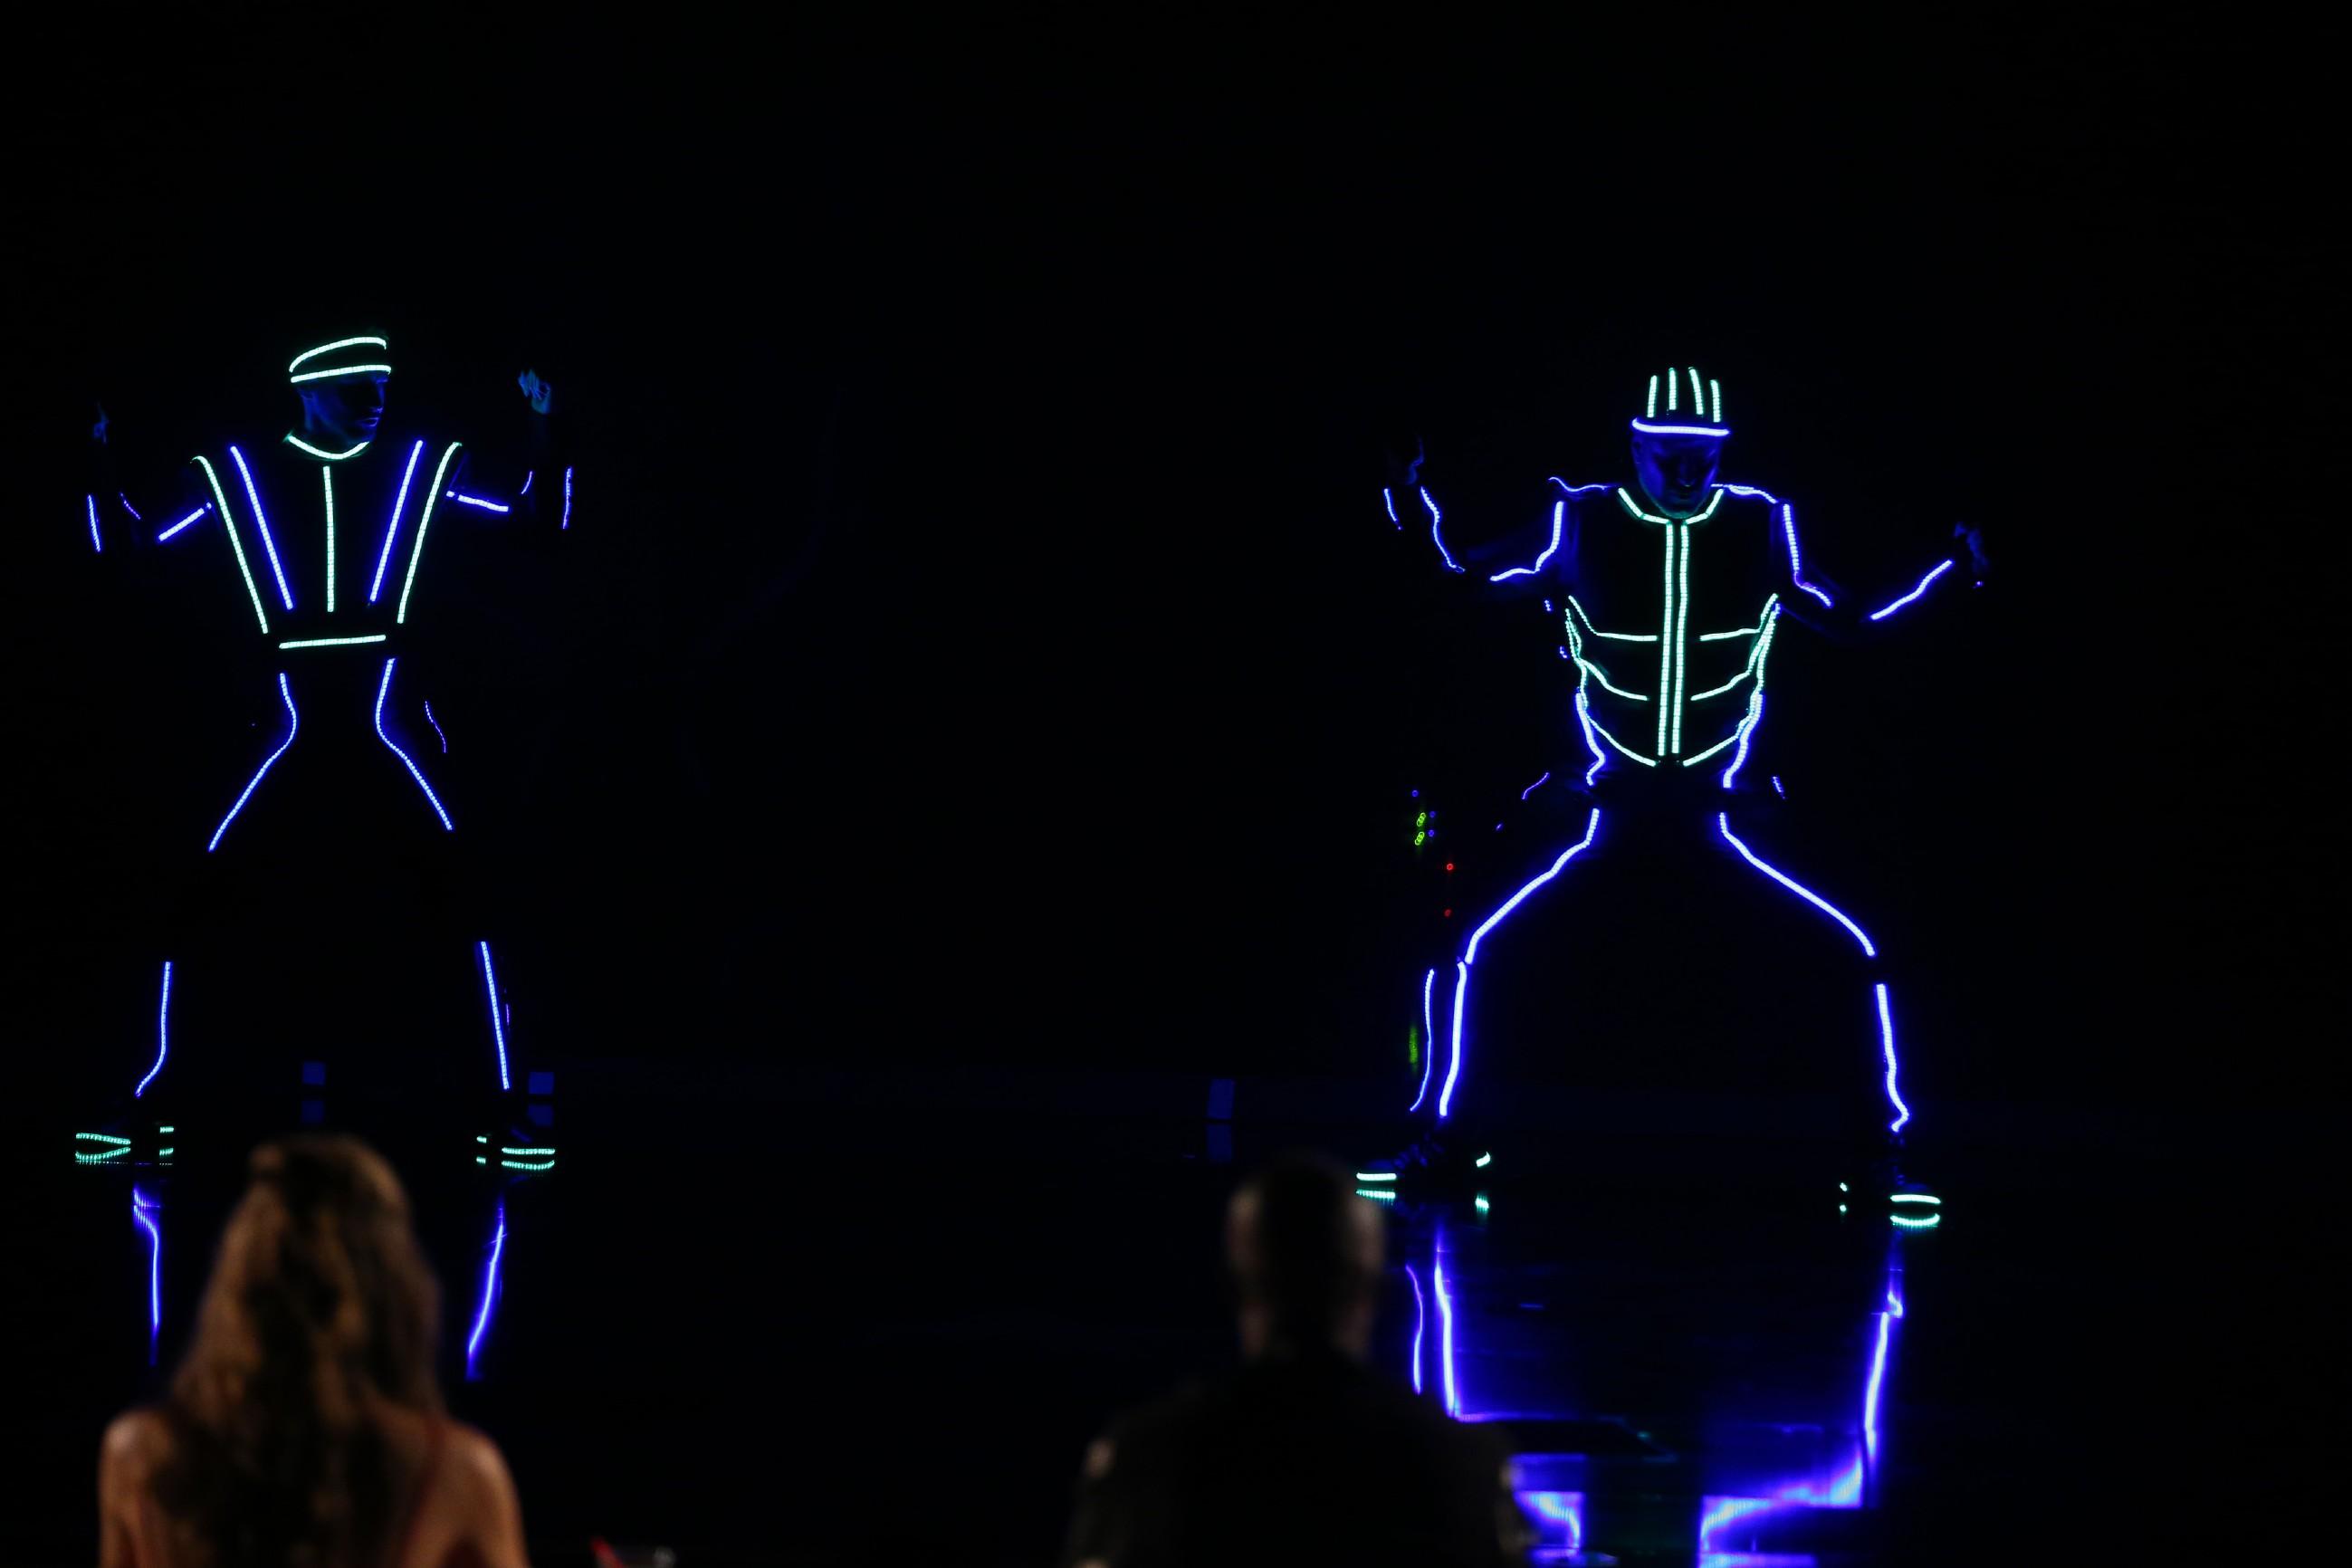 Das Supertalent 2016 - Richard Mach und Jakub Kosatik